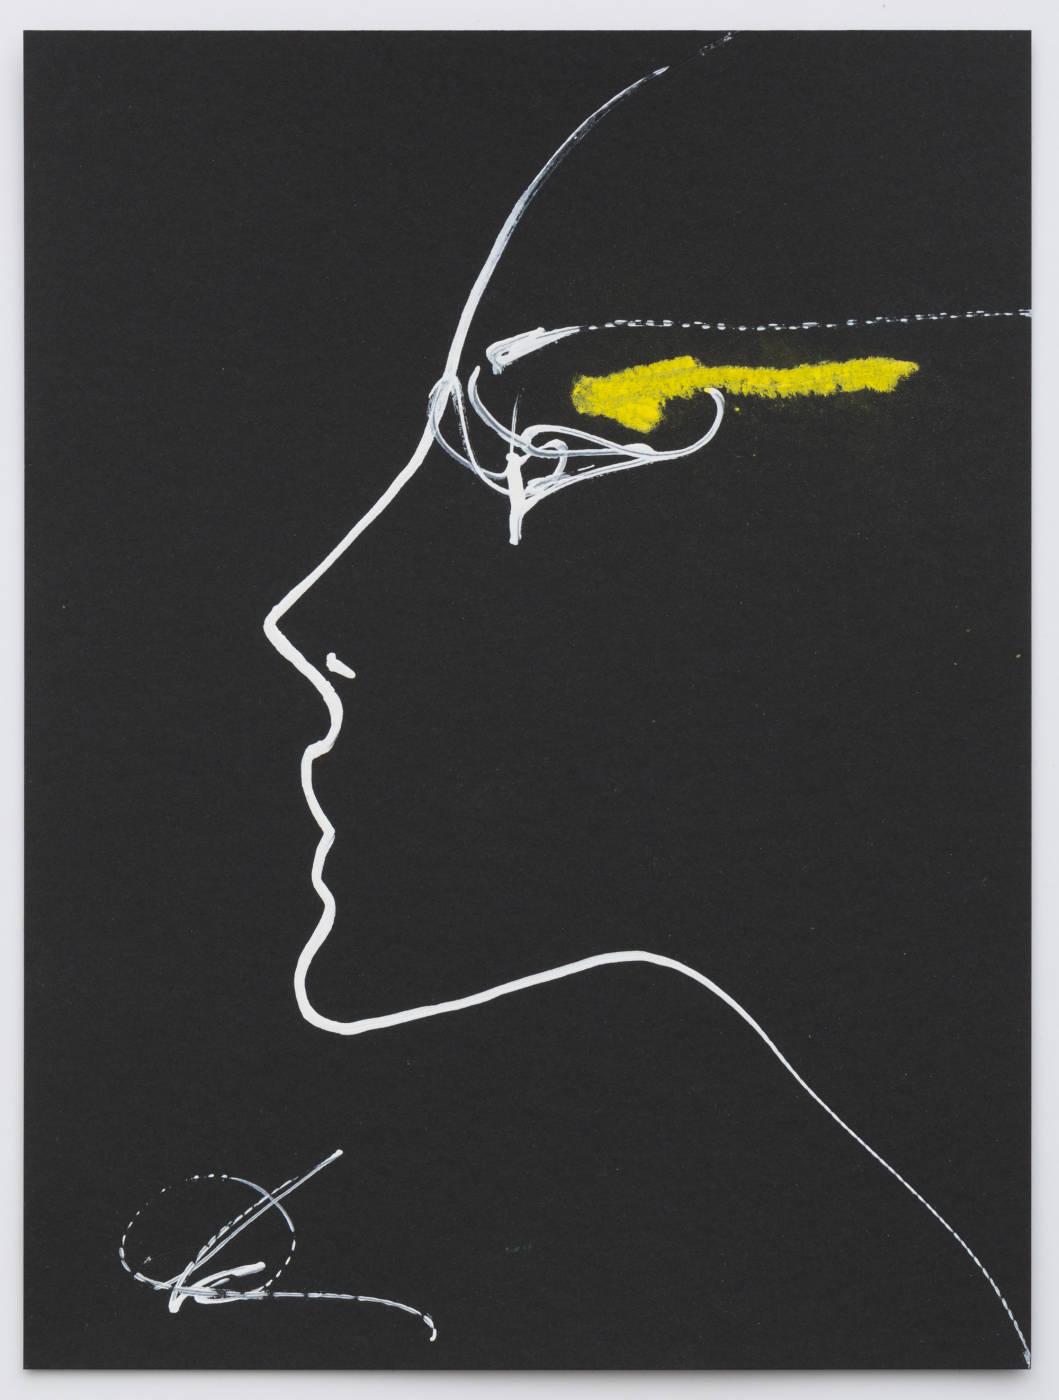 Yellow Eye on Black